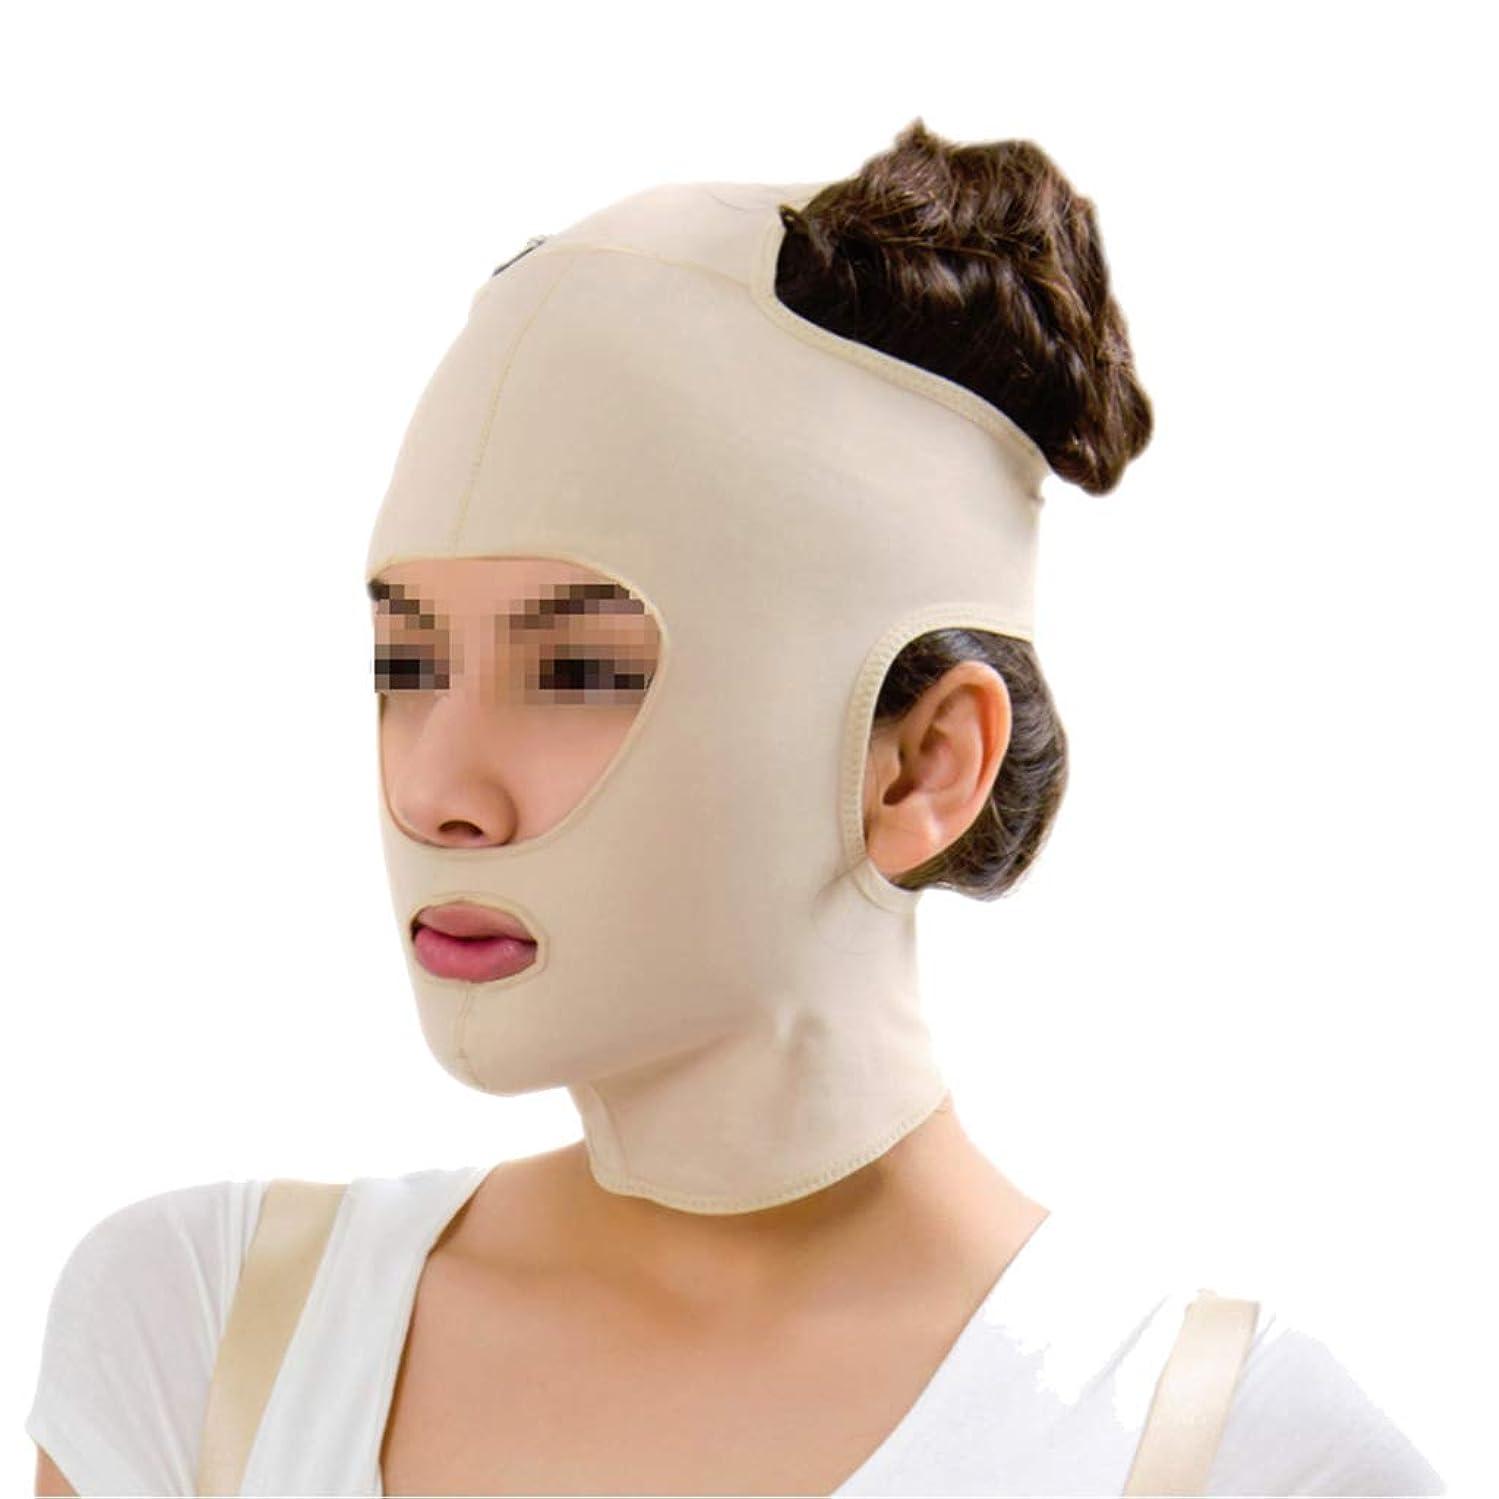 価格備品いわゆるXHLMRMJ フェイスリフトマスク、フルフェイスマスク医療グレード圧力フェイスダブルチンプラスチック脂肪吸引術弾性包帯ヘッドギア後の顔の脂肪吸引術 (Size : S)